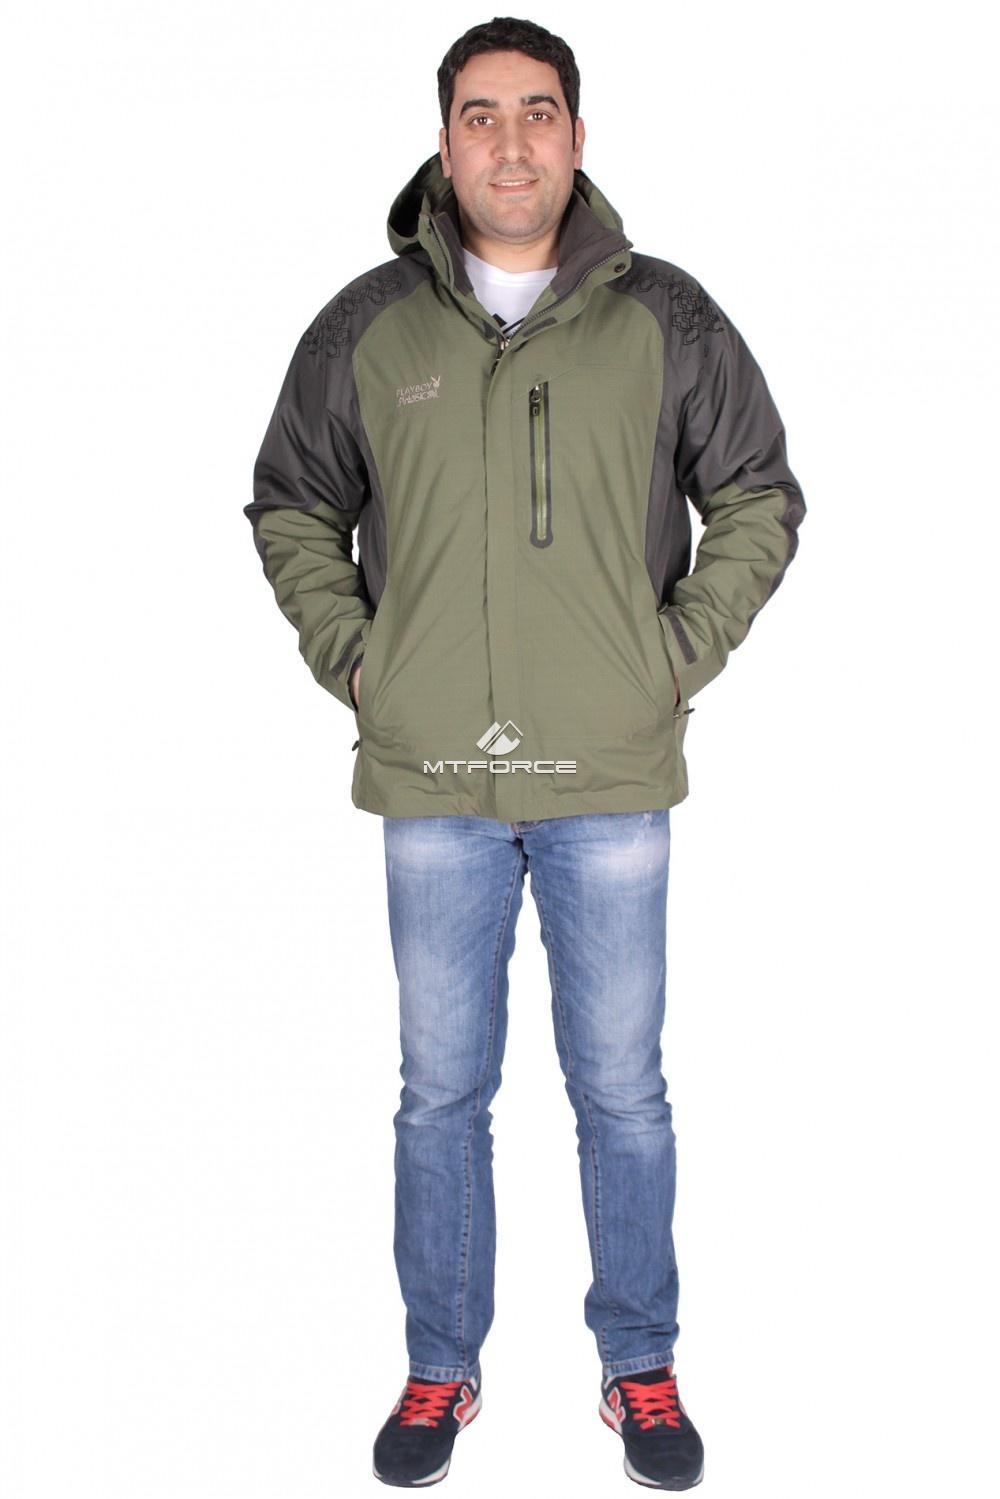 Купить                                  оптом Куртка мужская три в одном зеленого цвета 86249Z в Новосибирске